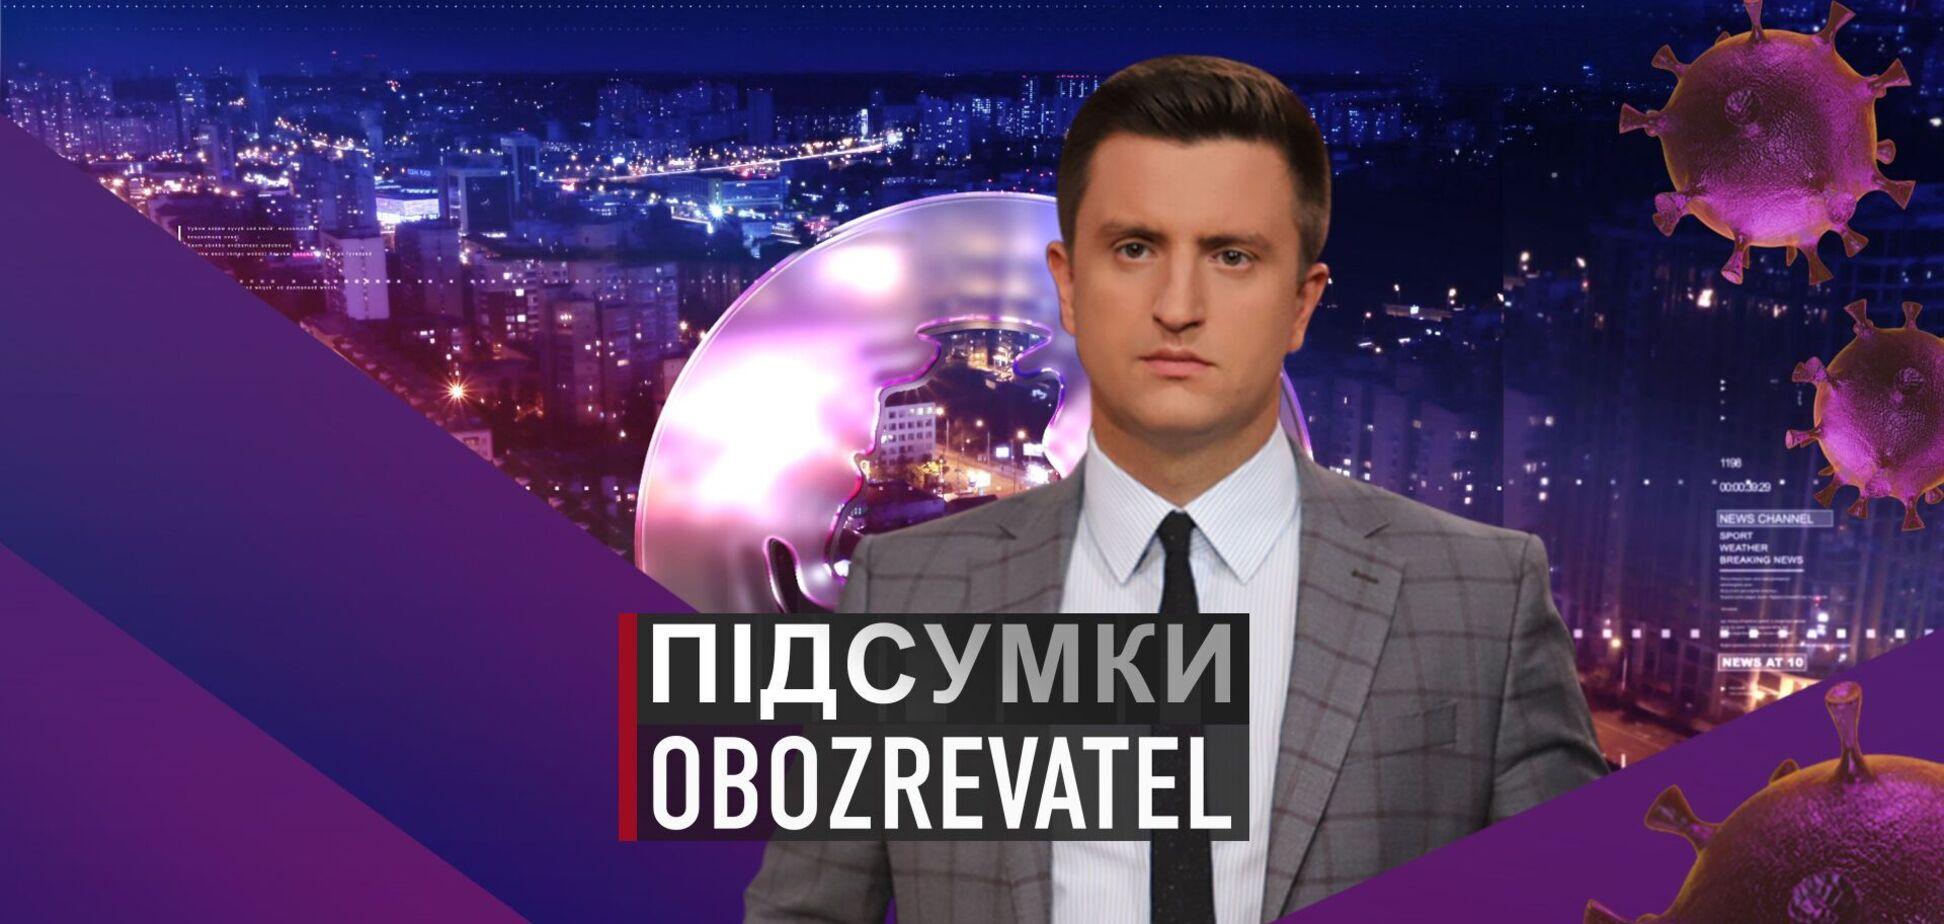 Підсумки дня з Вадимом Колодійчуком. Понеділок, 25 січня